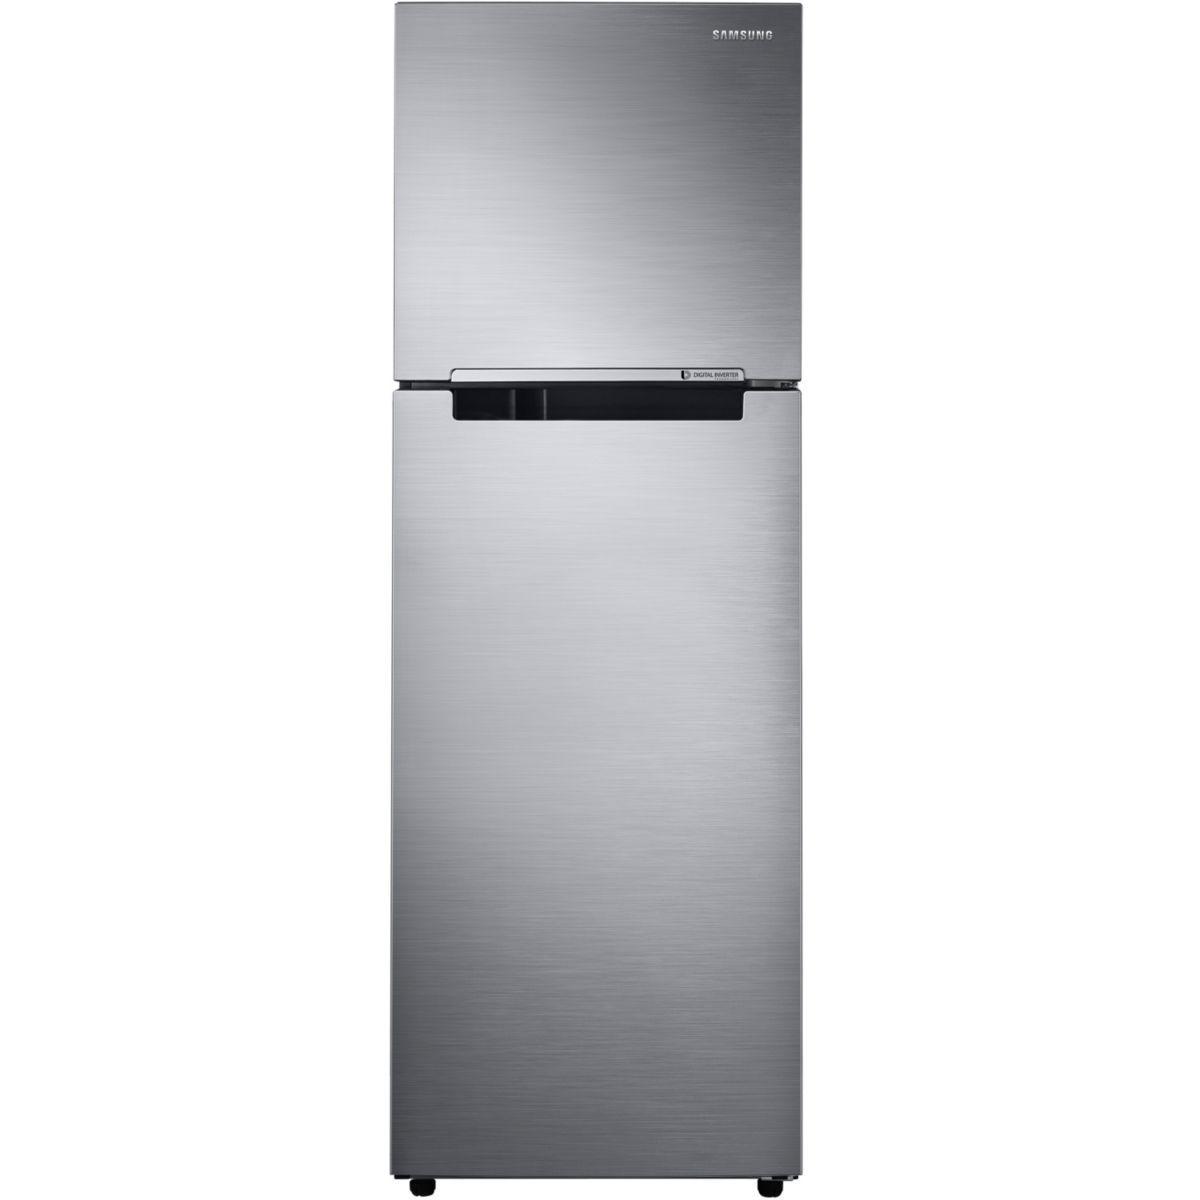 Réfrigérateur congélateur en haut SAMSUNG RT25HAR4DS9 (photo)